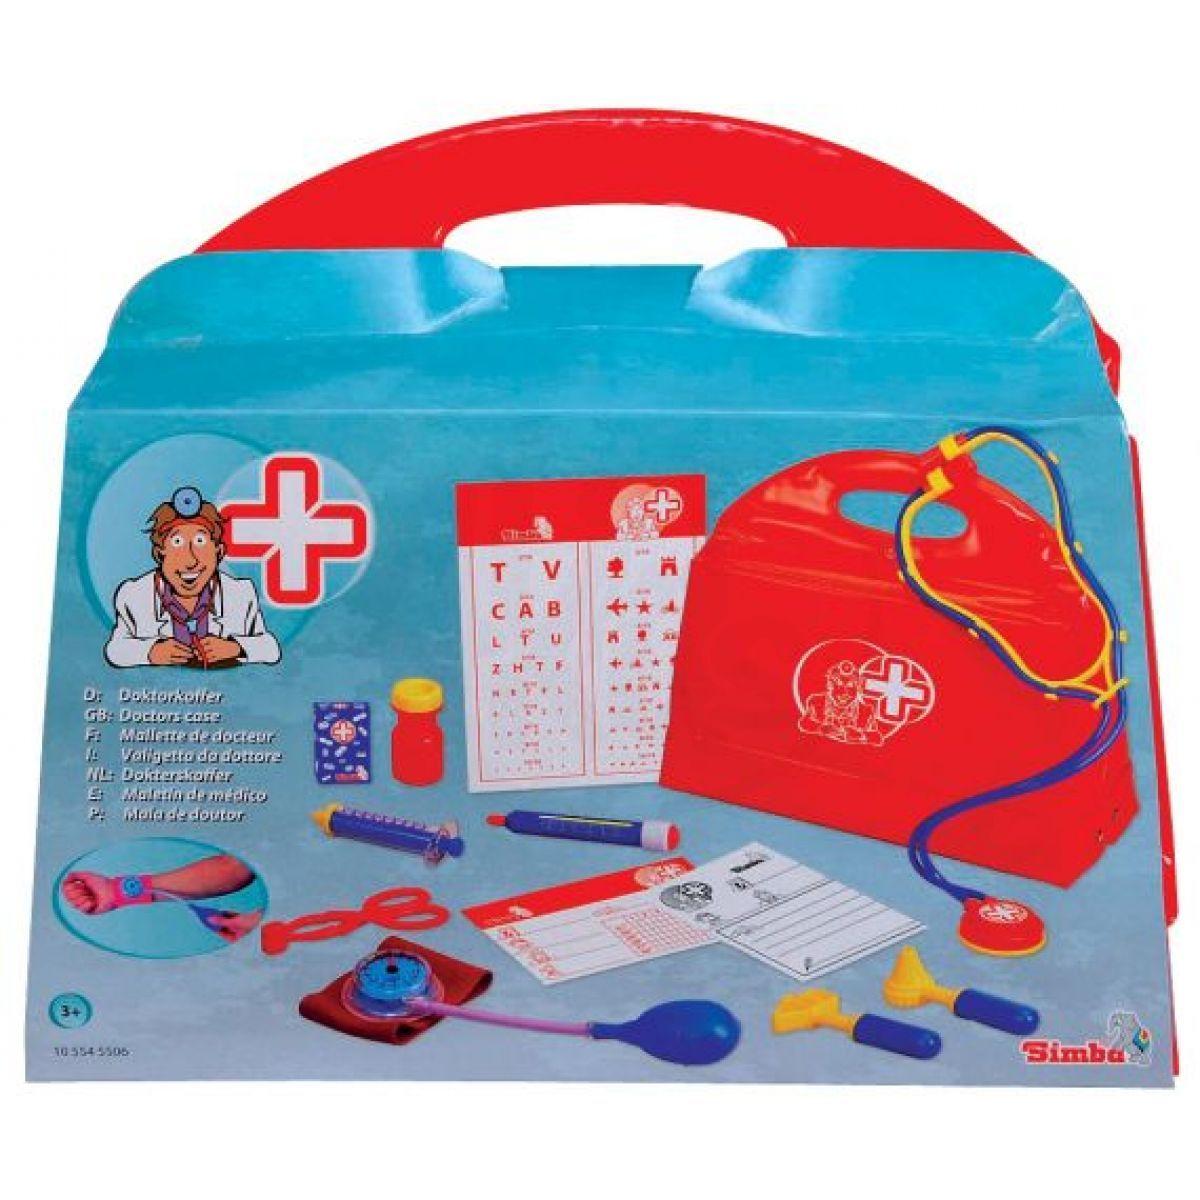 SIMBA S 5545506 - Doktorský kufřík 13 dílů